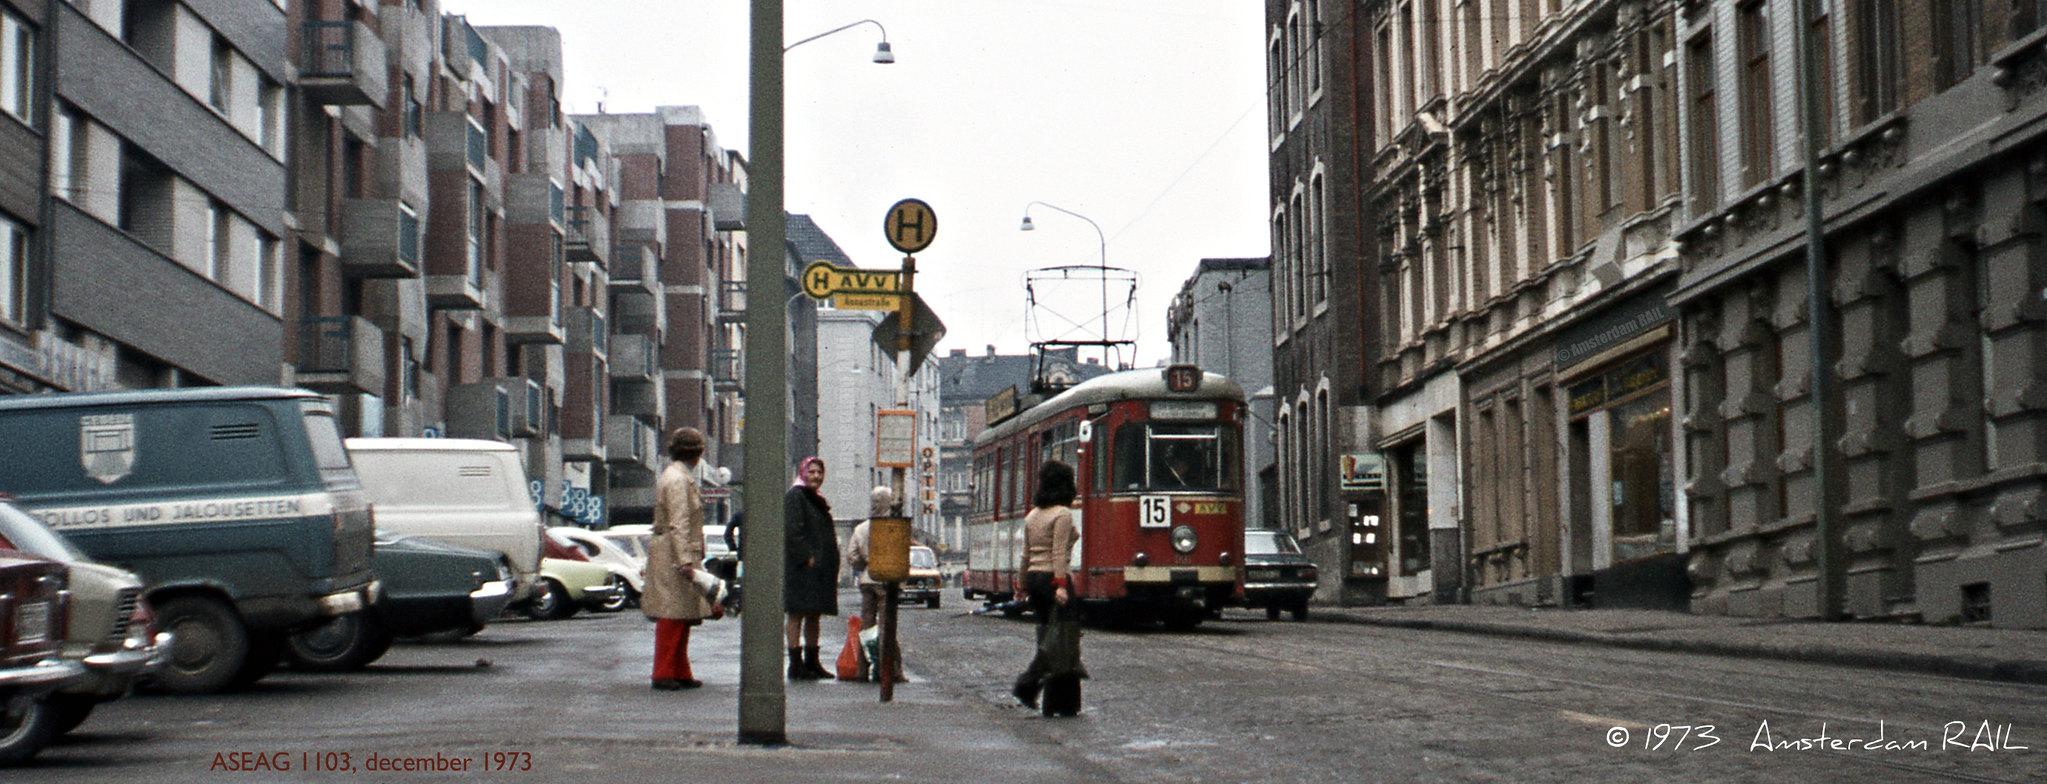 Aachener Strassenbahnpanorama (1973)